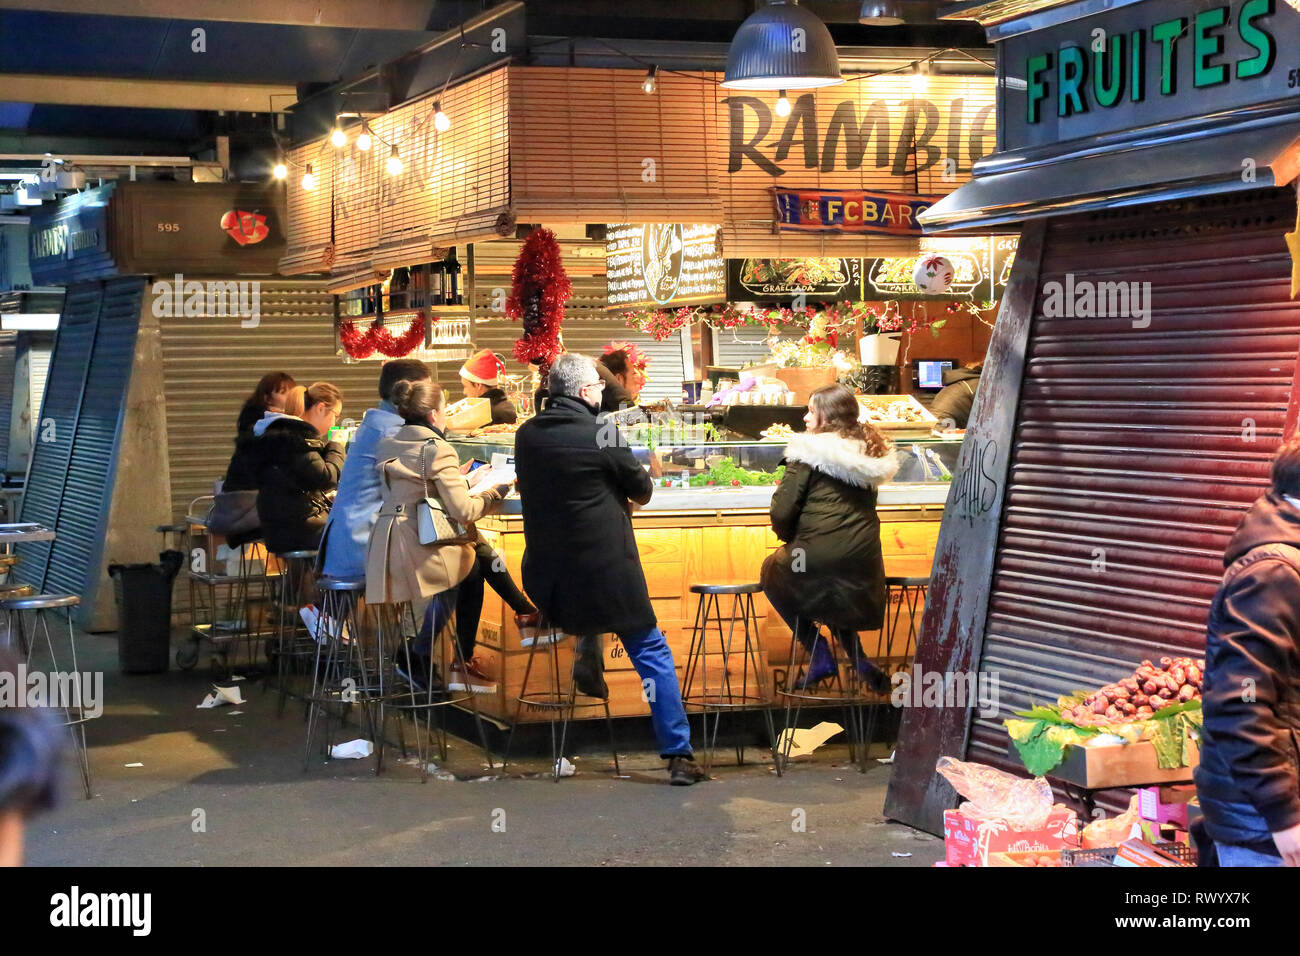 Mercat de la Boqueria, La Rambla, Barcelona Stockbild